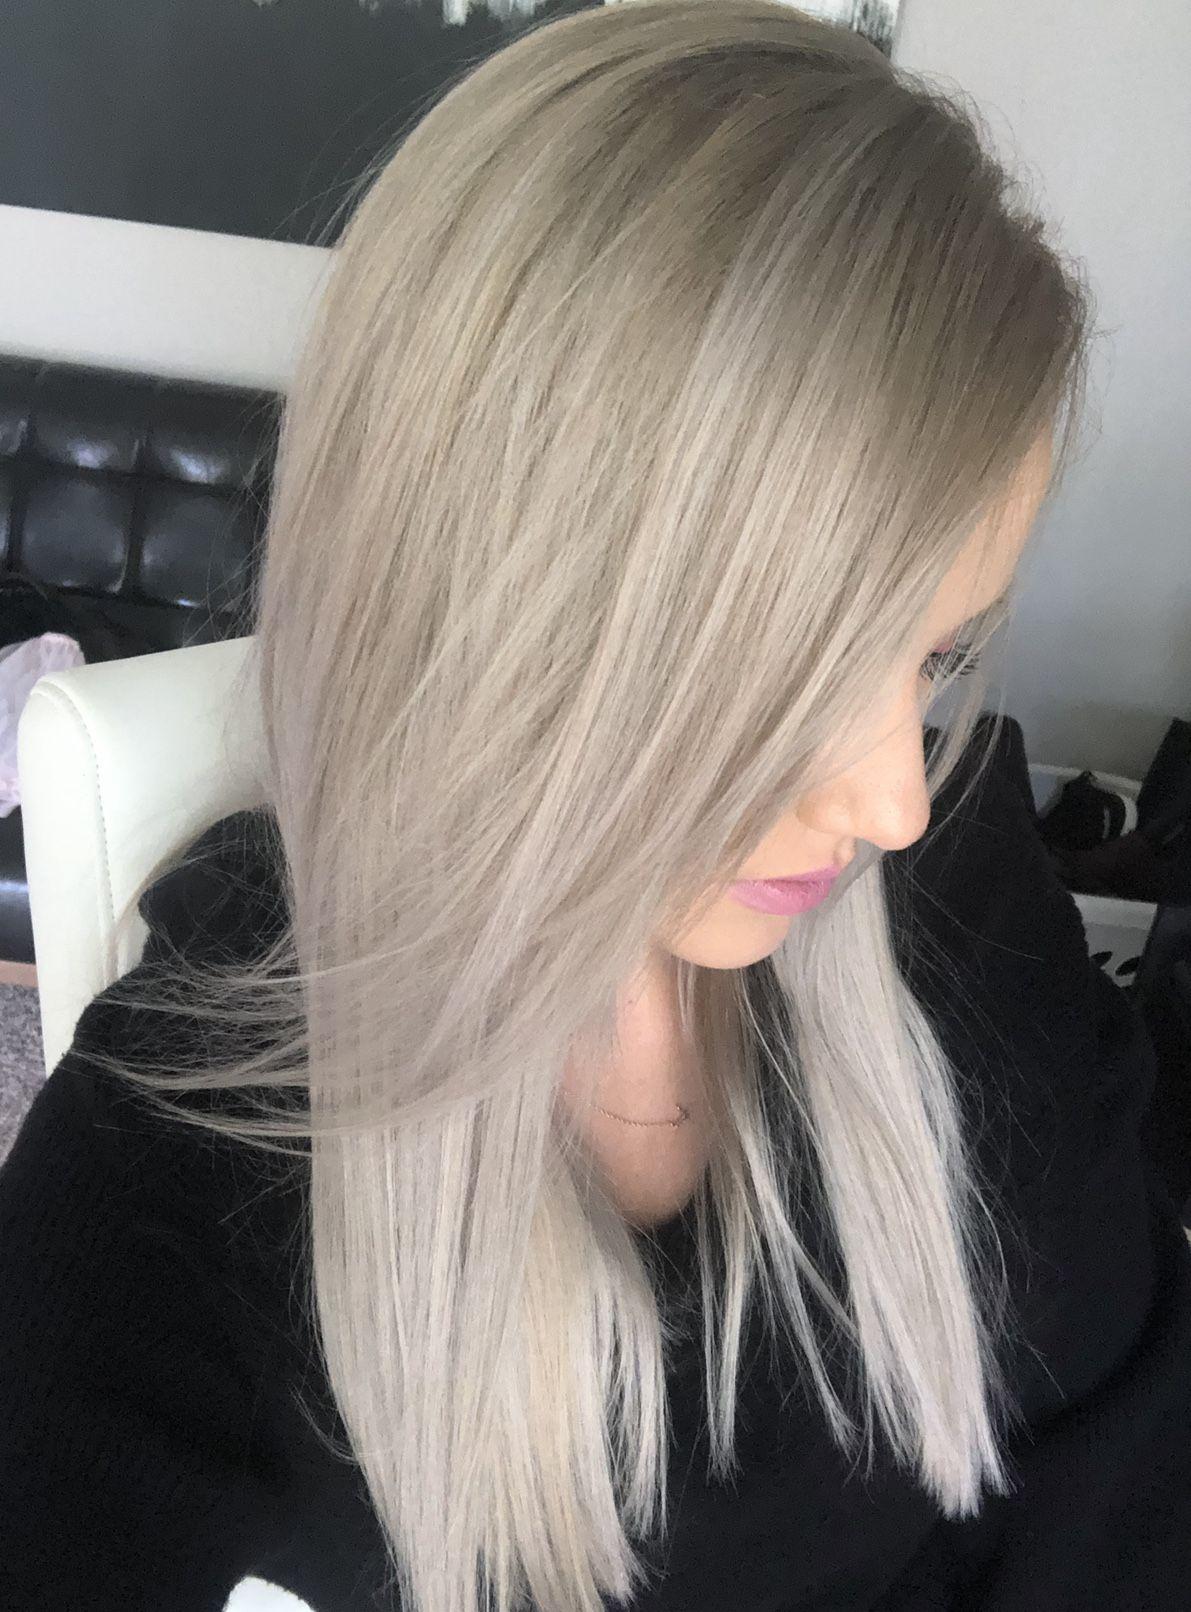 Silver Hair Ash Blonde Hair Done At Home Longhair Grayhair